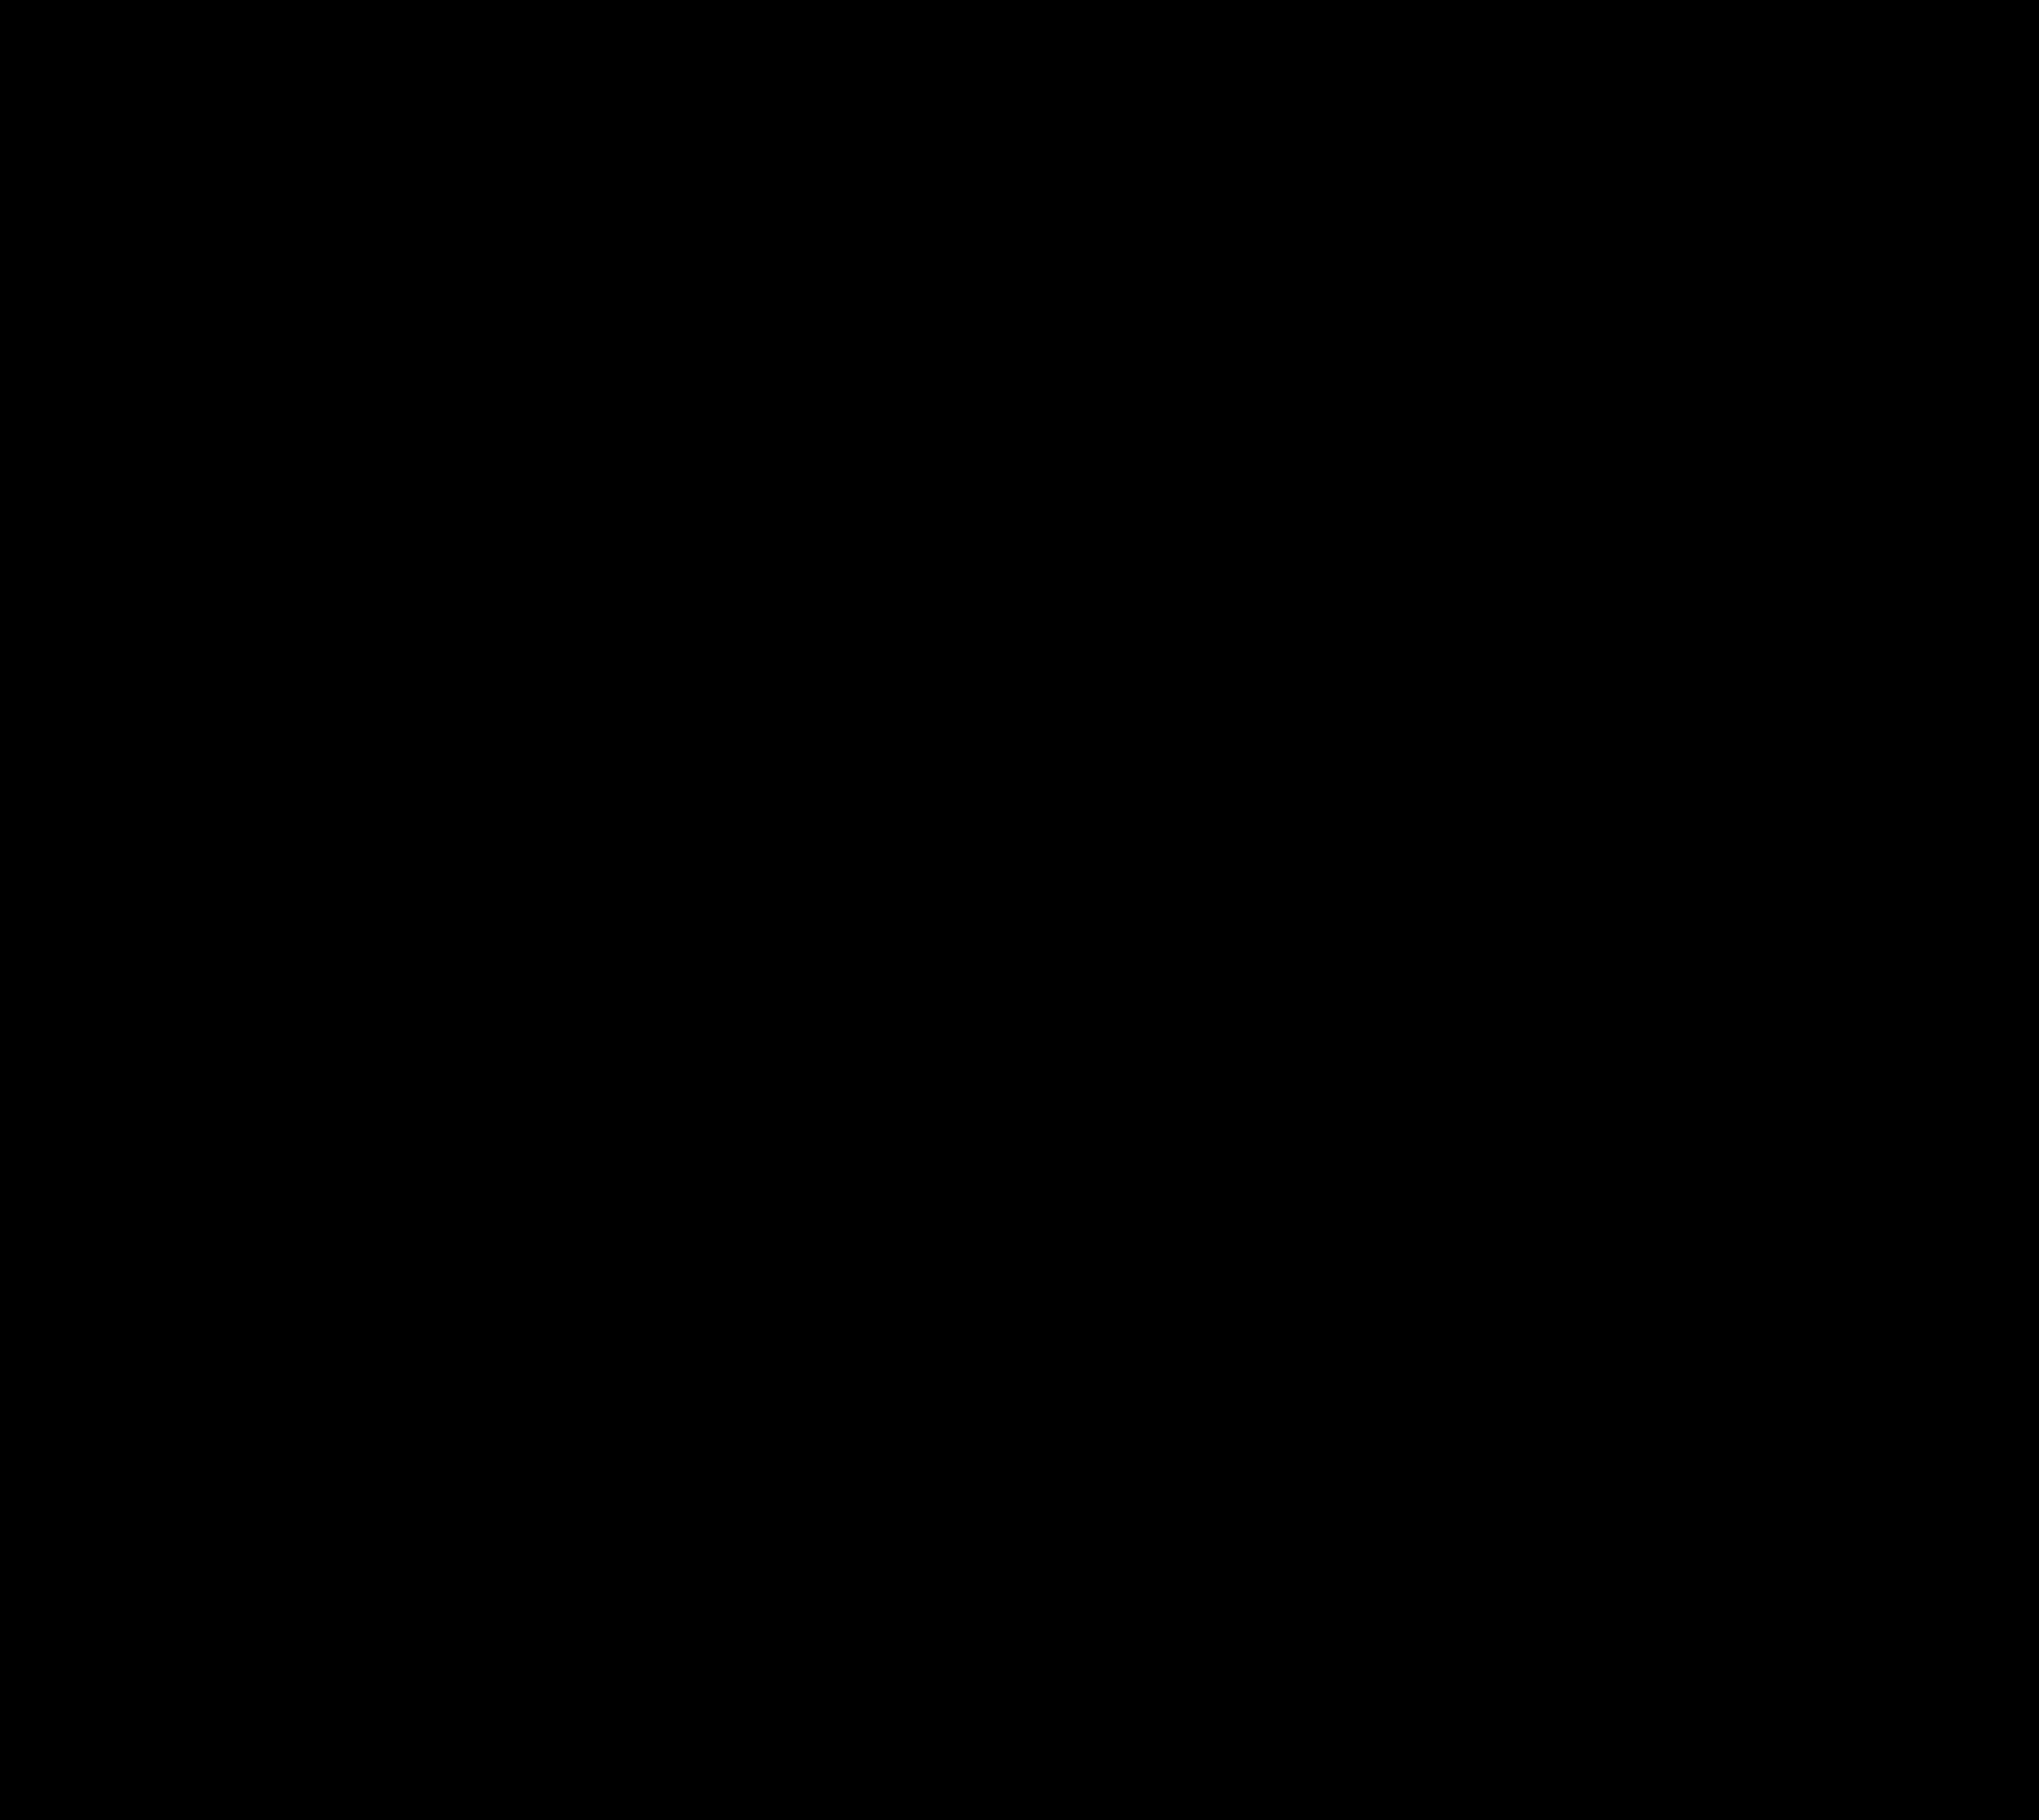 Leofortis